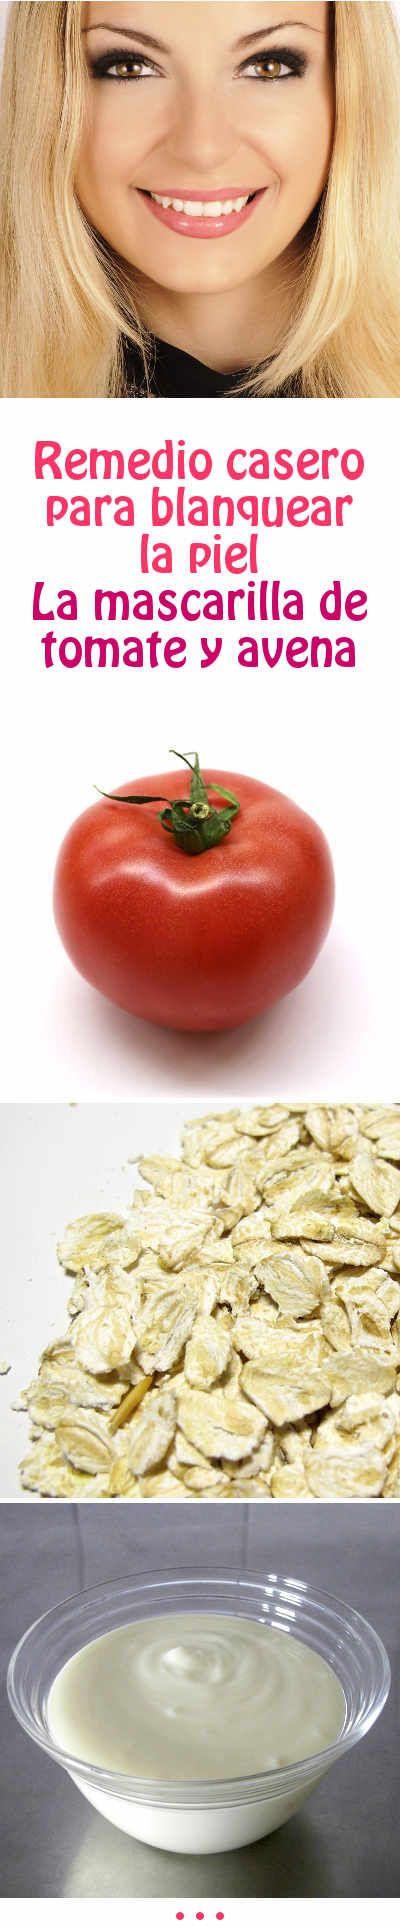 Remedio casero para blanquear la piel. La mascarilla de tomate y avena